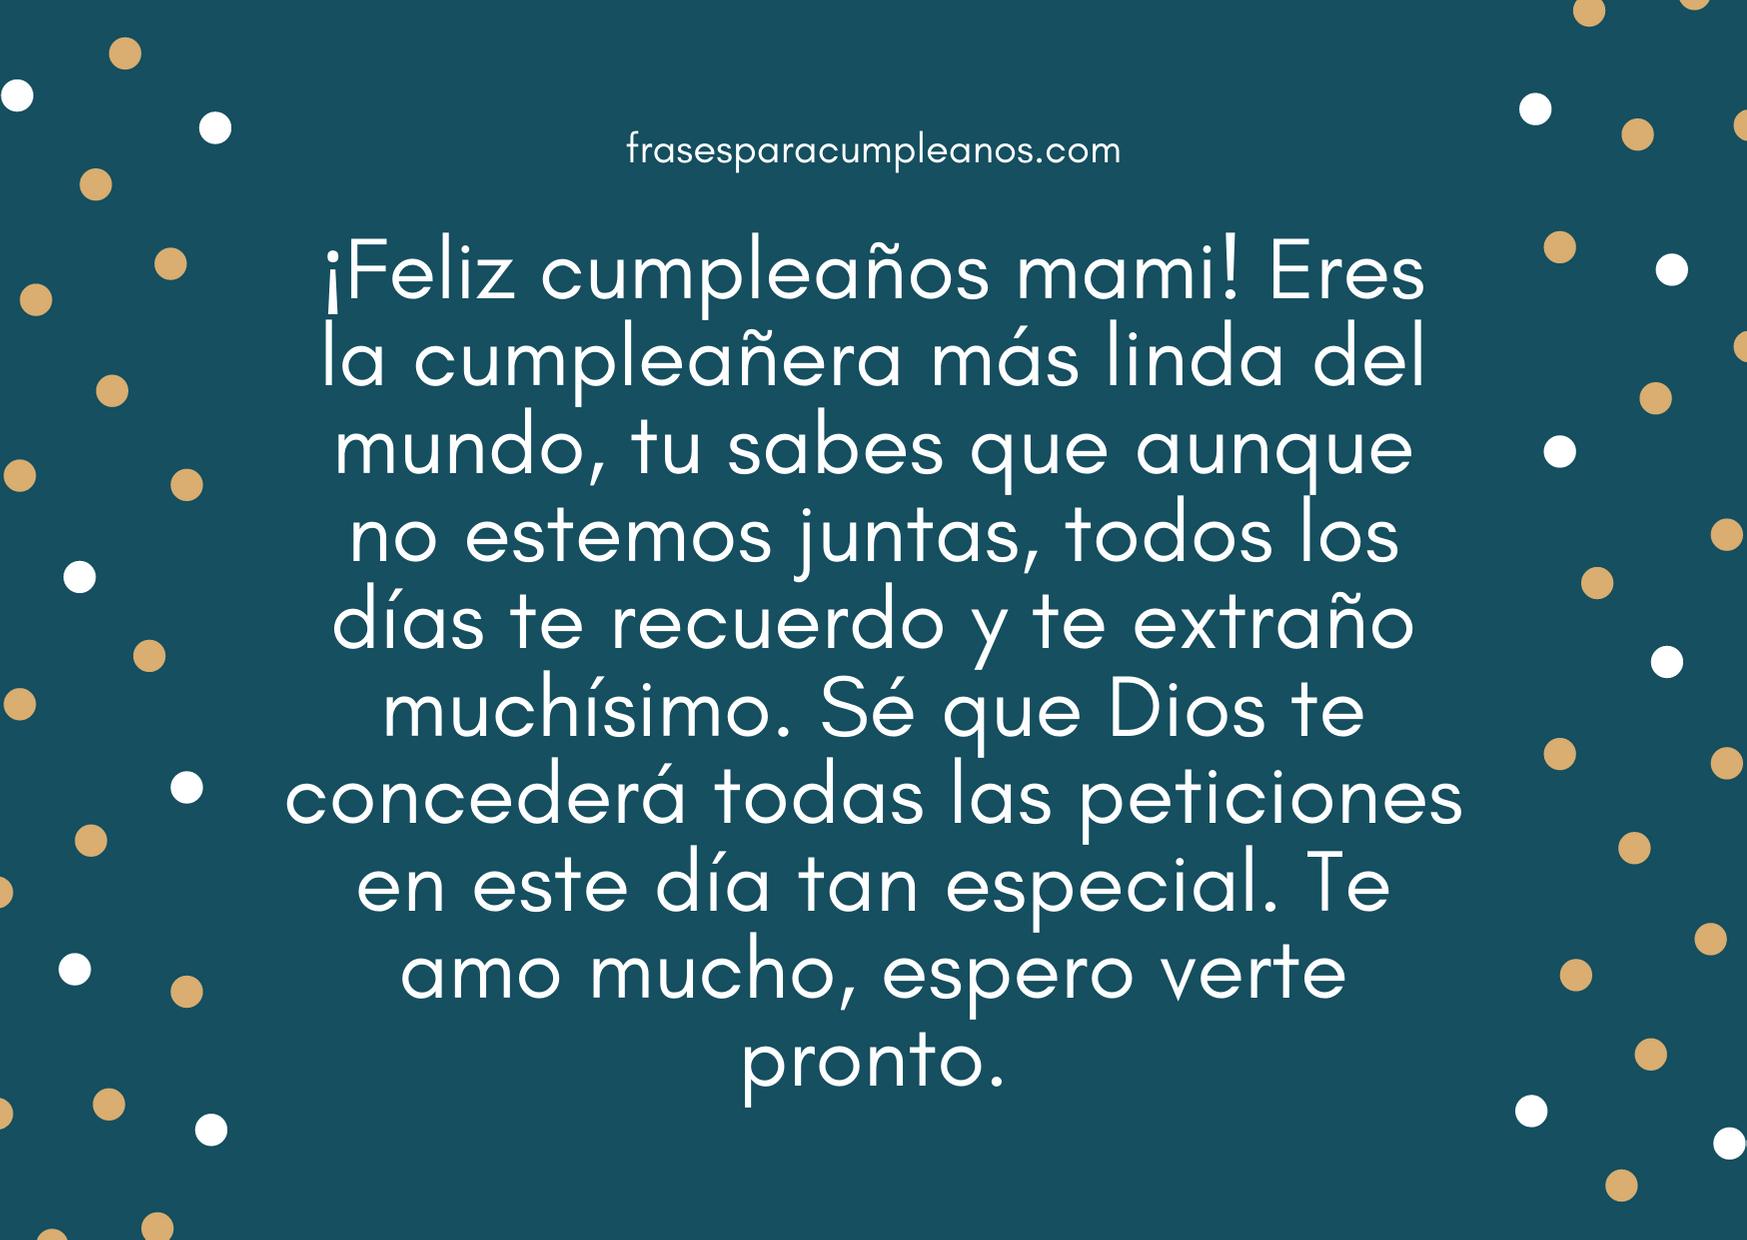 Felicitaciones De Cumpleaños Para Una Madre Ausente Frasescumple